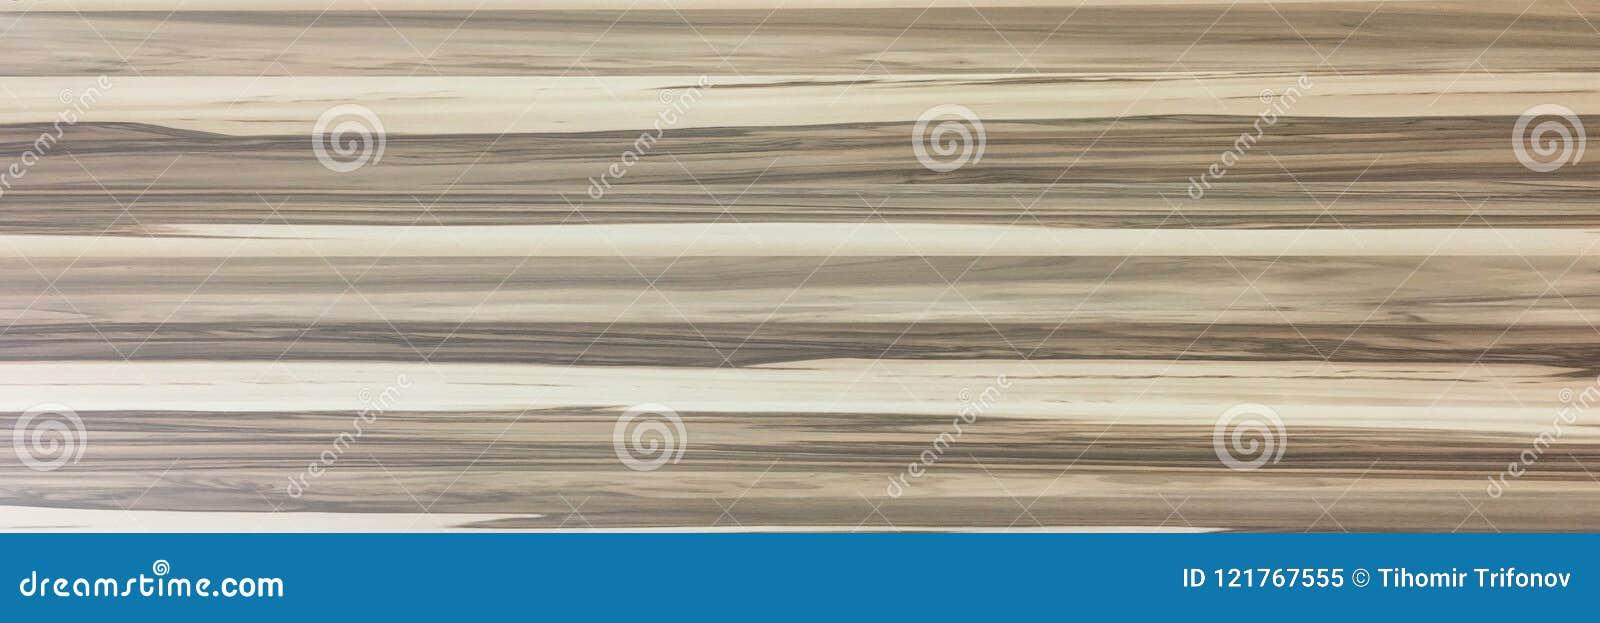 Деревянная текстура поверхность светлой деревянной предпосылки для дизайна и украшения